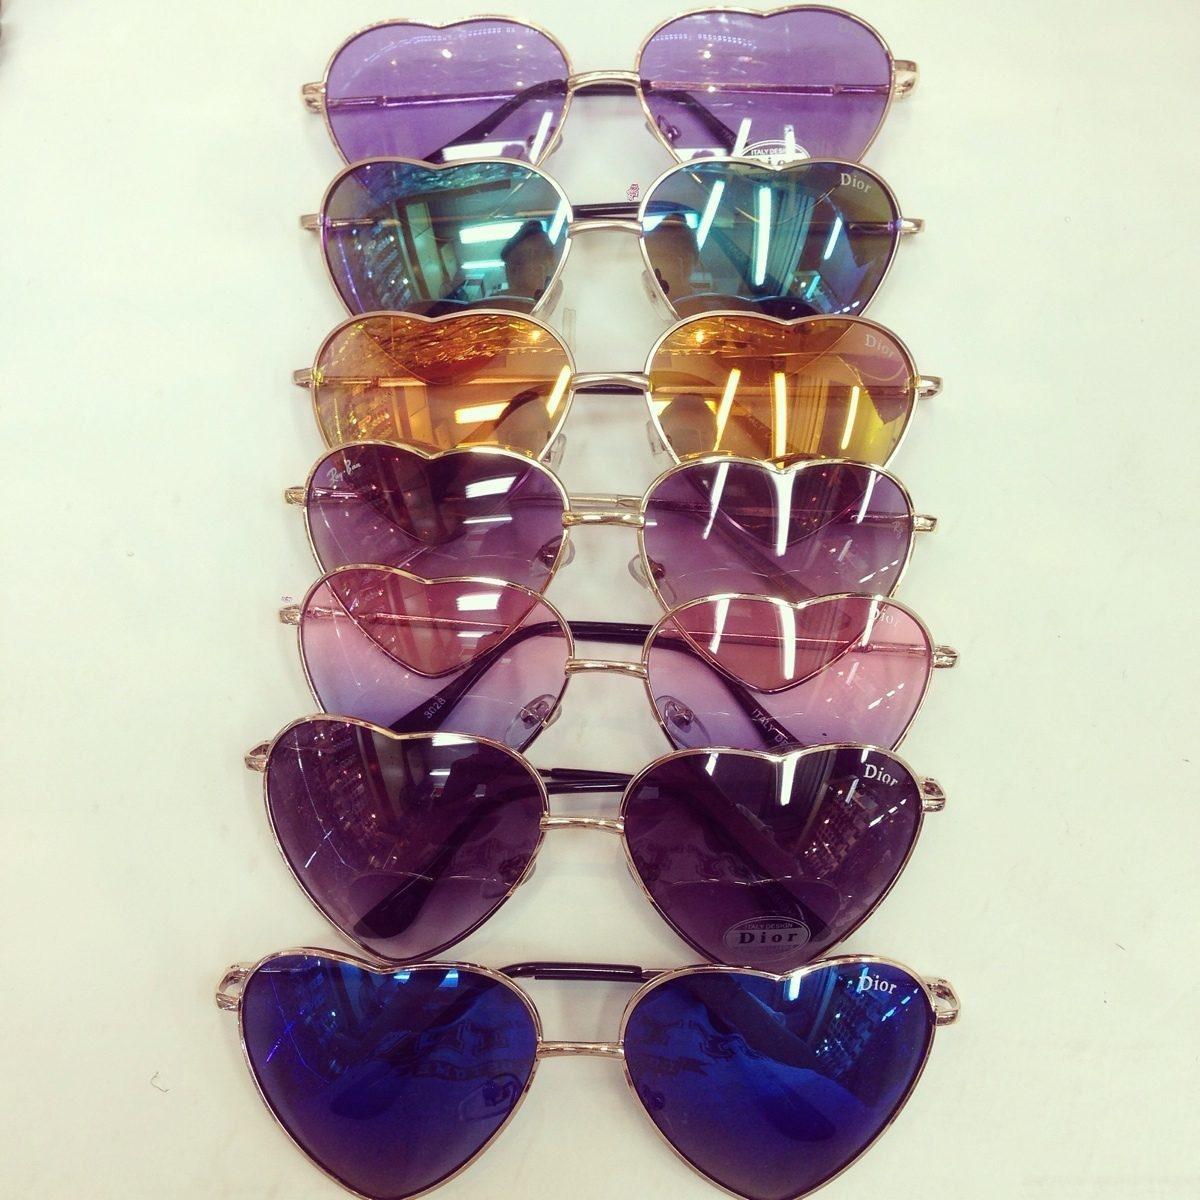 69a6be60ed737 lote 10 unid óculos coração lolita bruna marquezine atacado. Carregando  zoom.